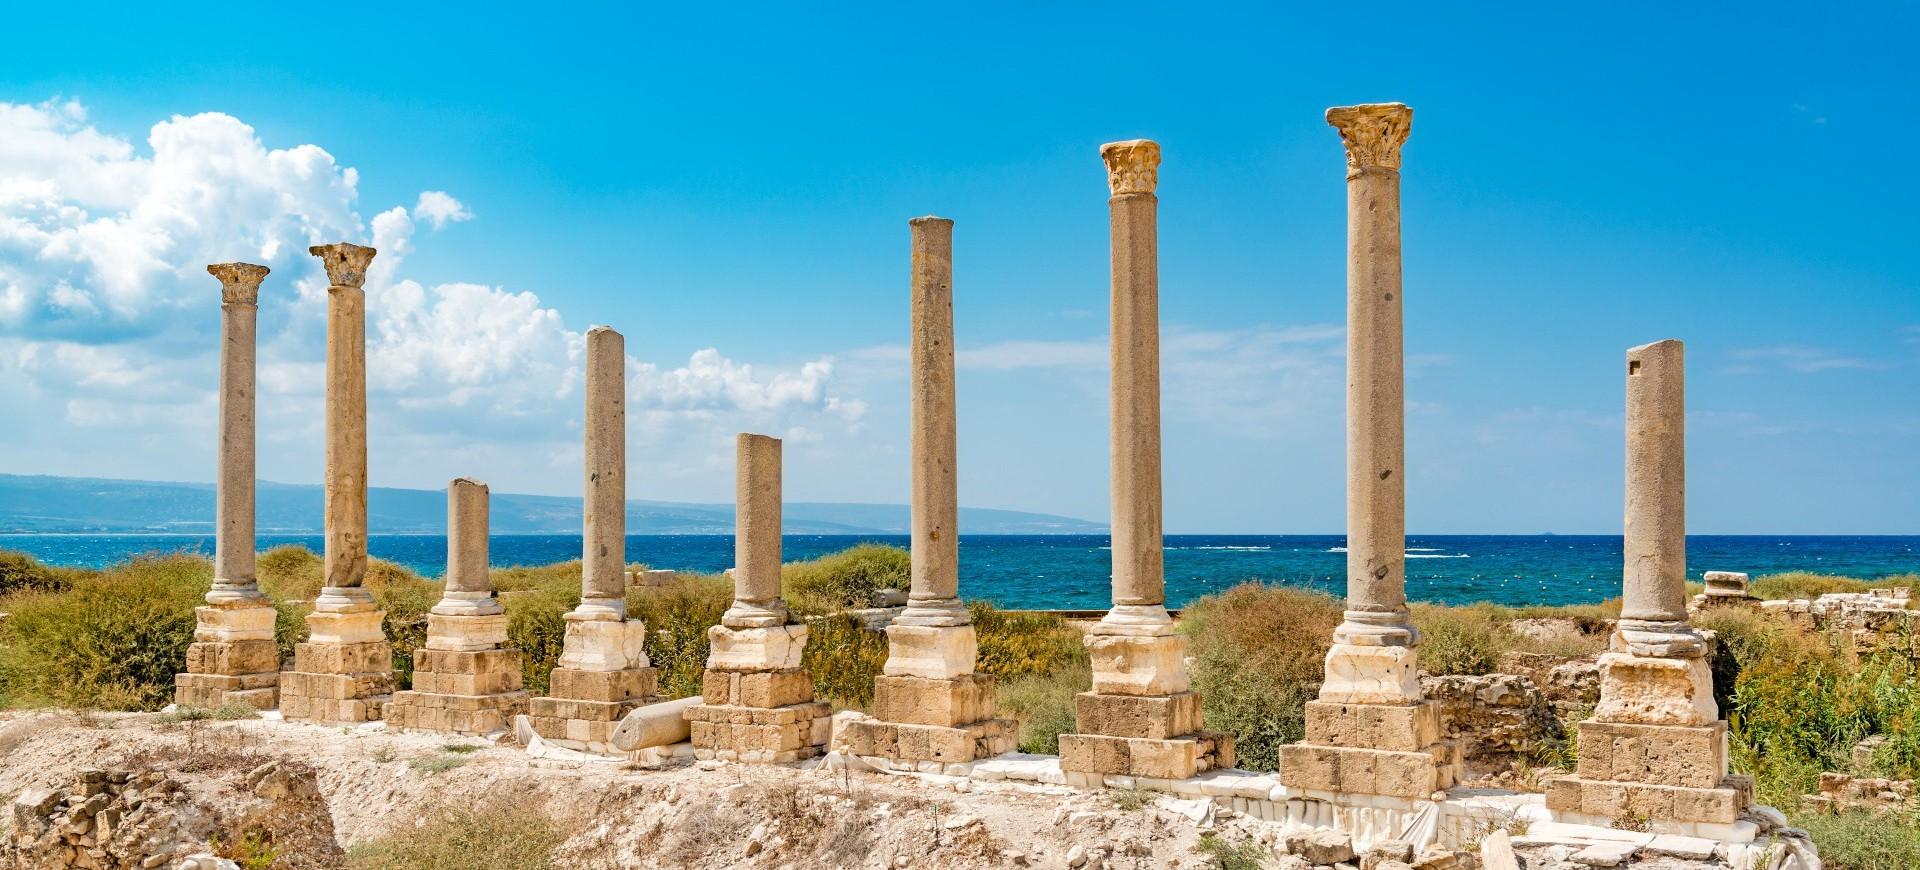 Le site antique de Tyr au Liban